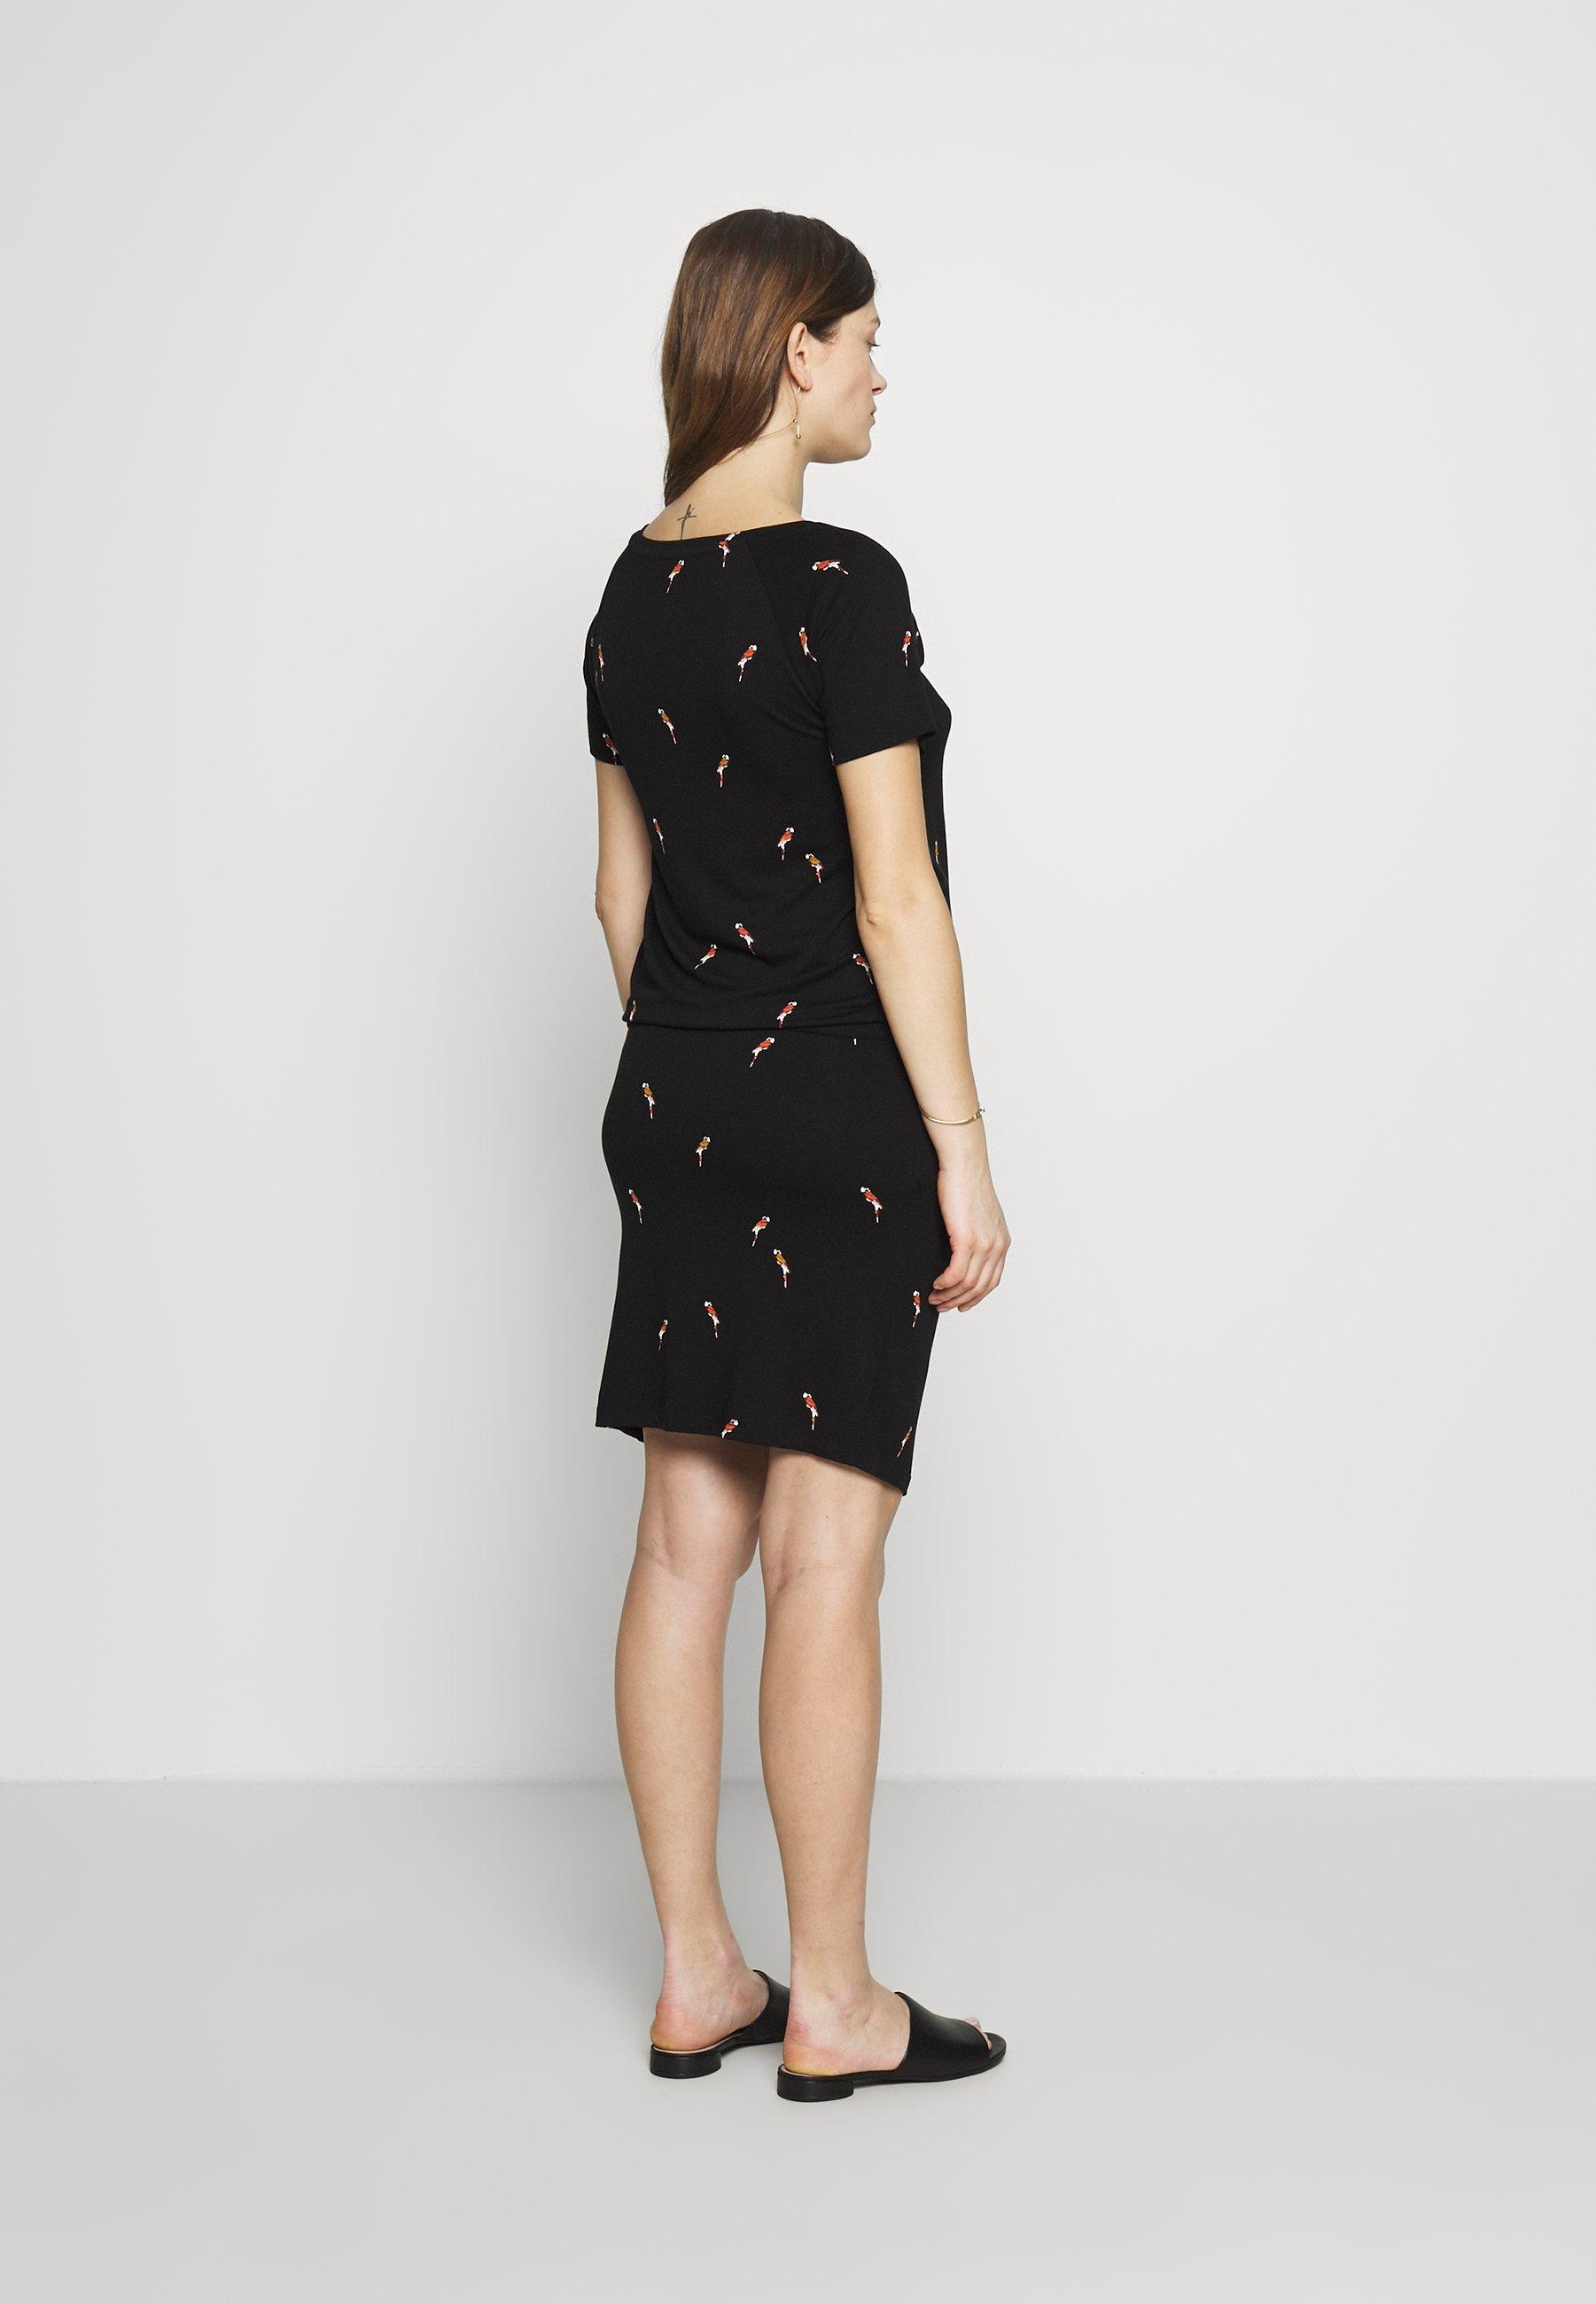 Queen Mum Atlanta - Maxi Dress Black